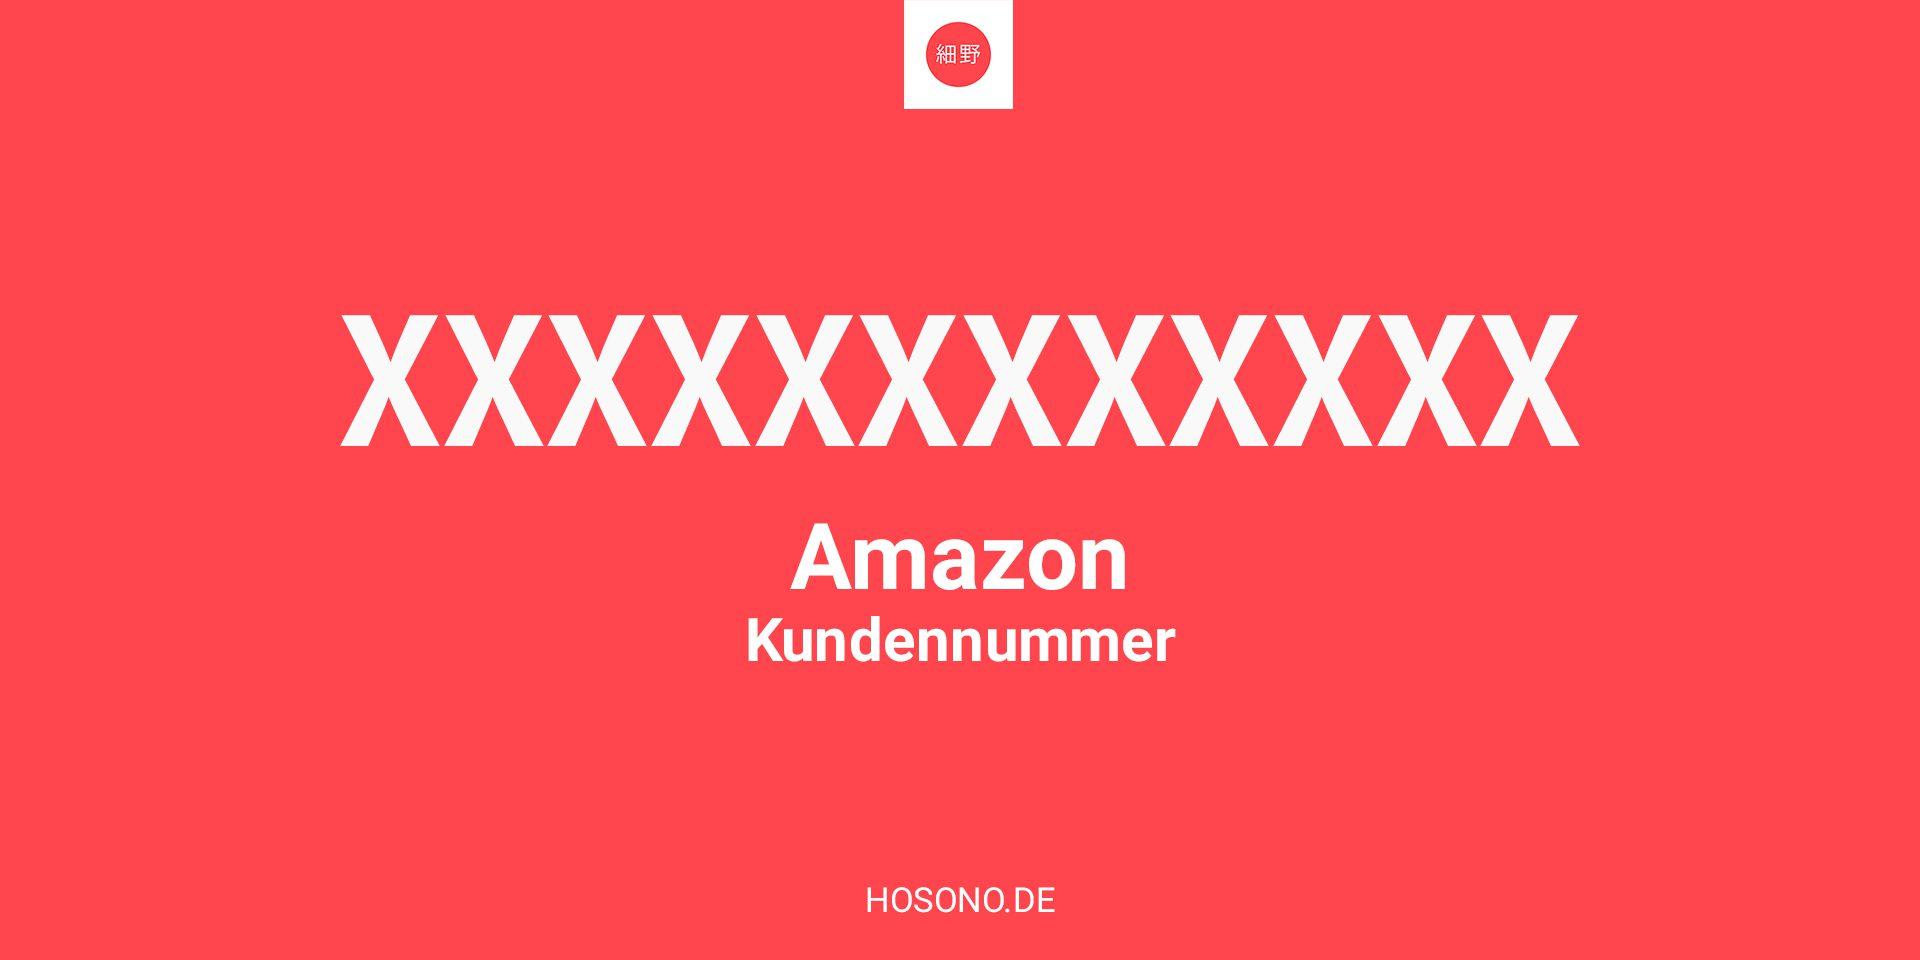 Wie finde ich die Amazon Kundennummer?